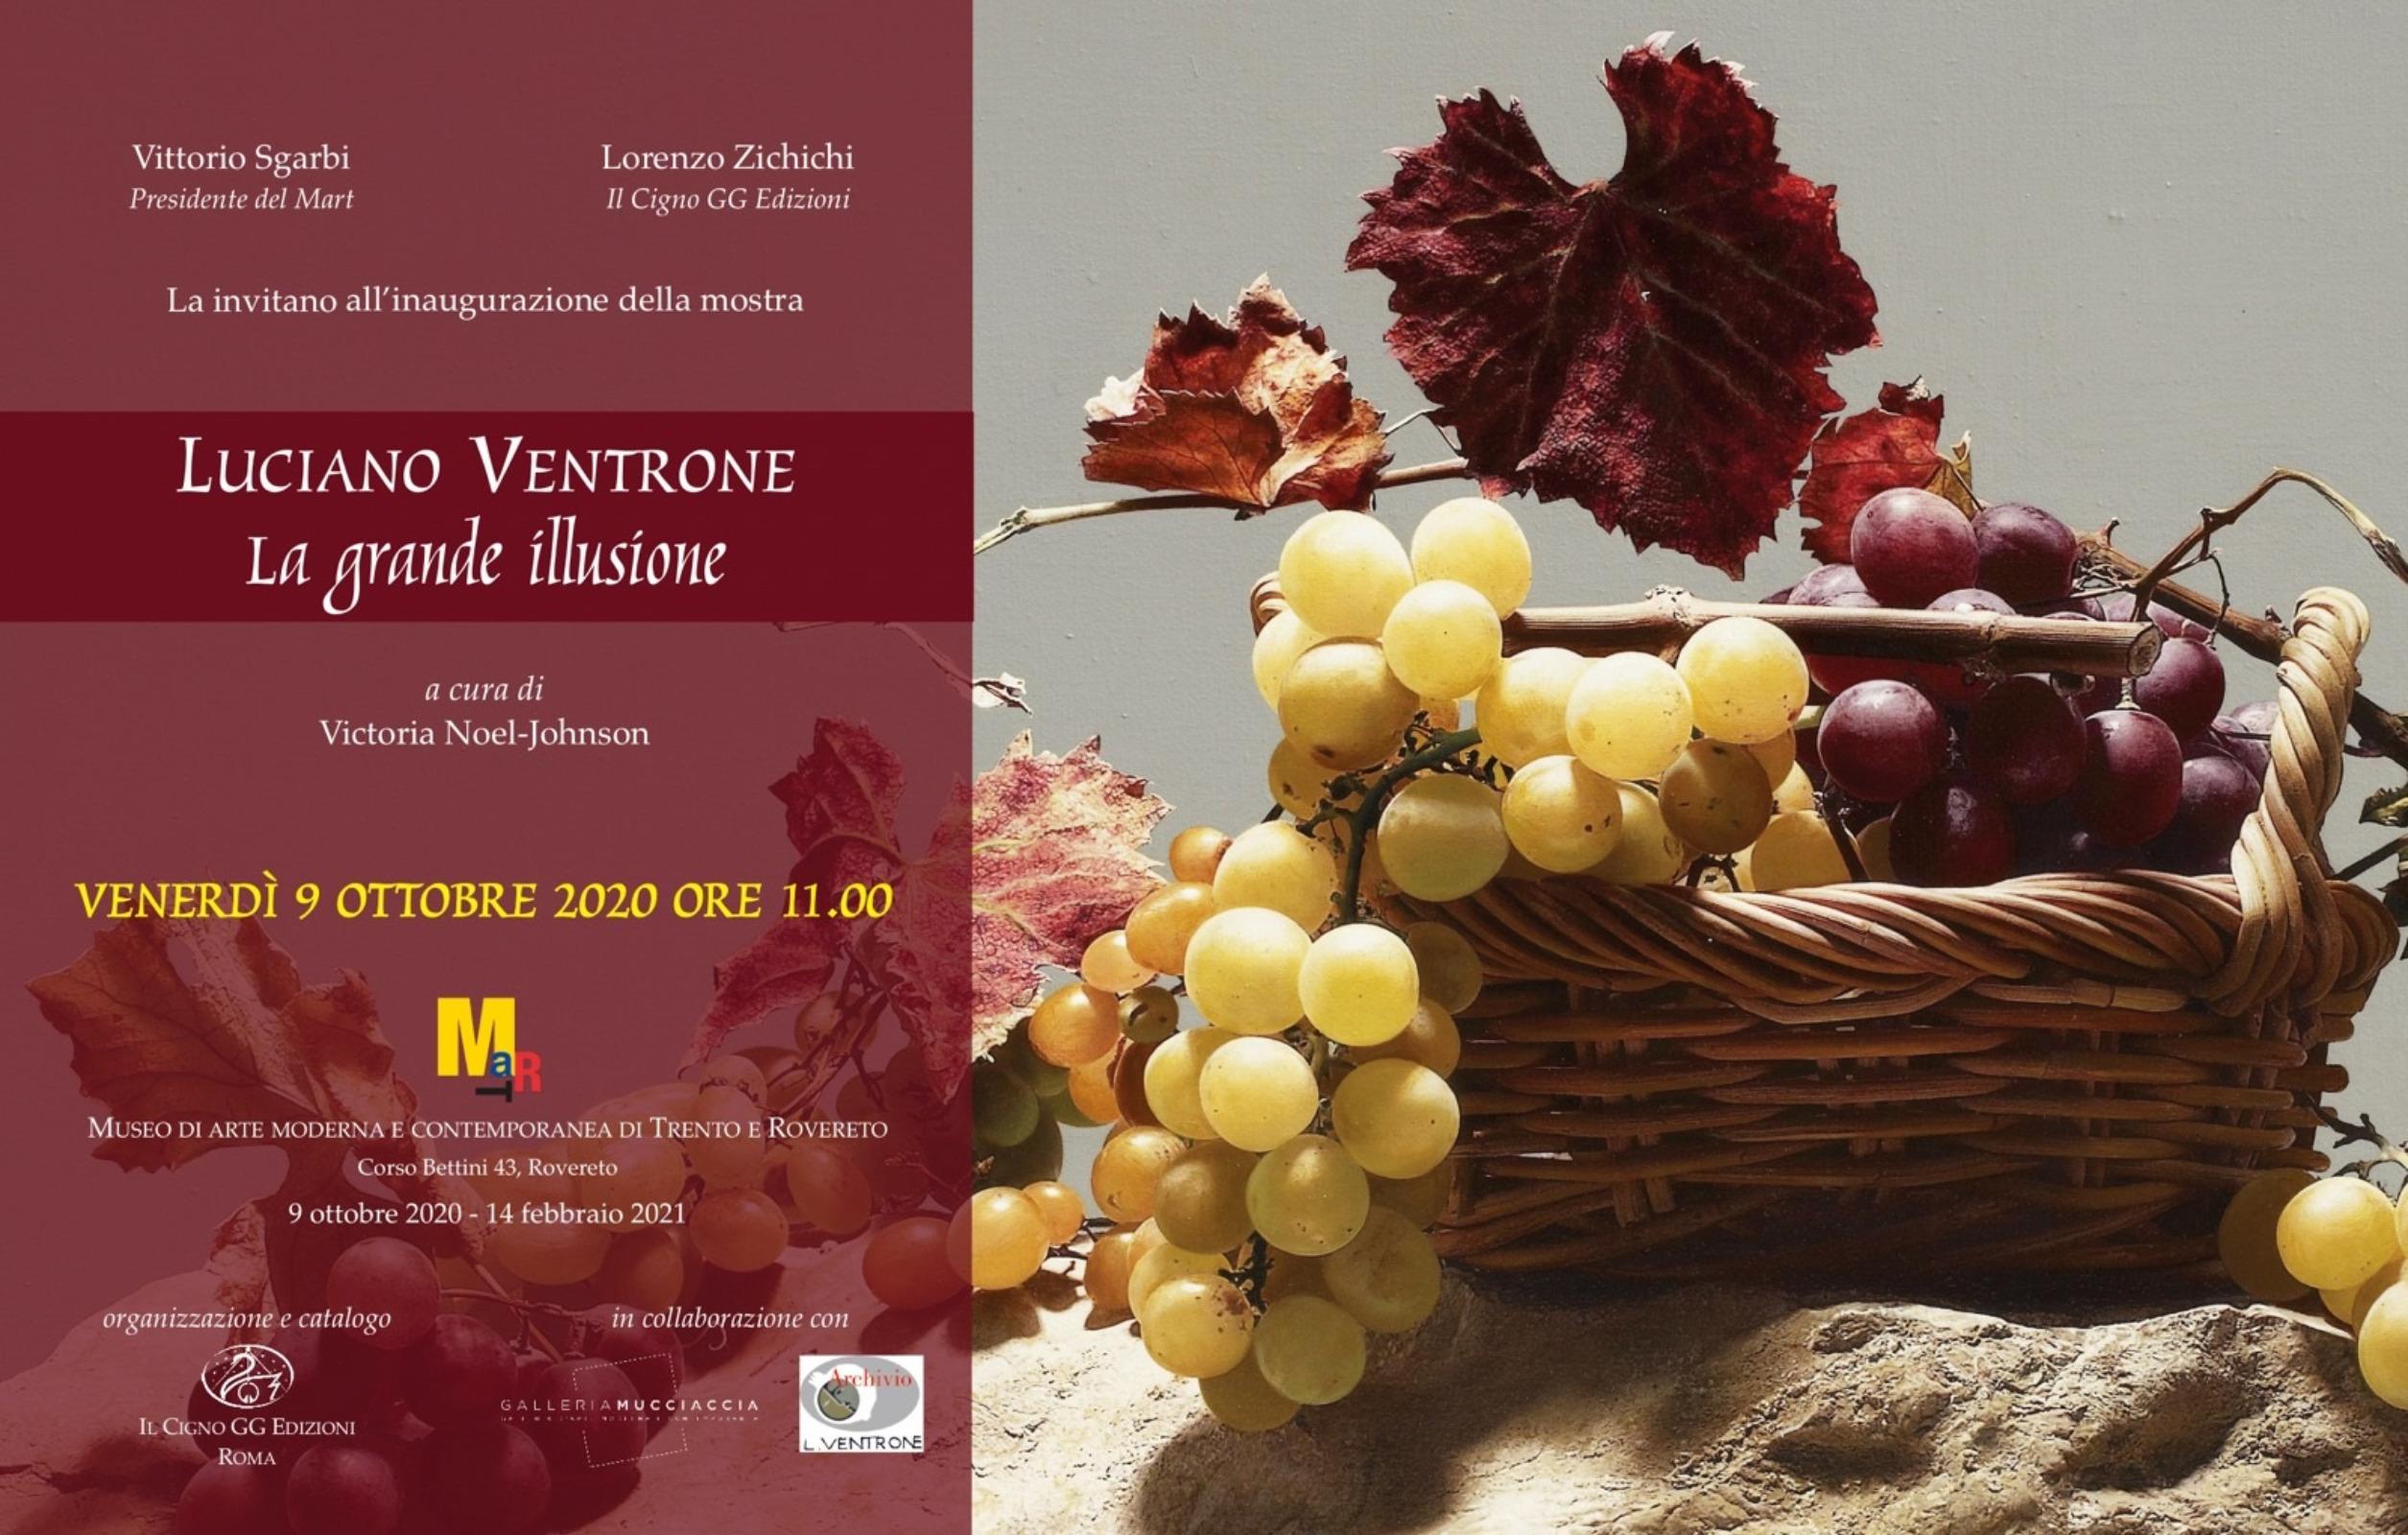 Exhibition 'Luciano Ventrone. La grande illusione', MART, Rovereto